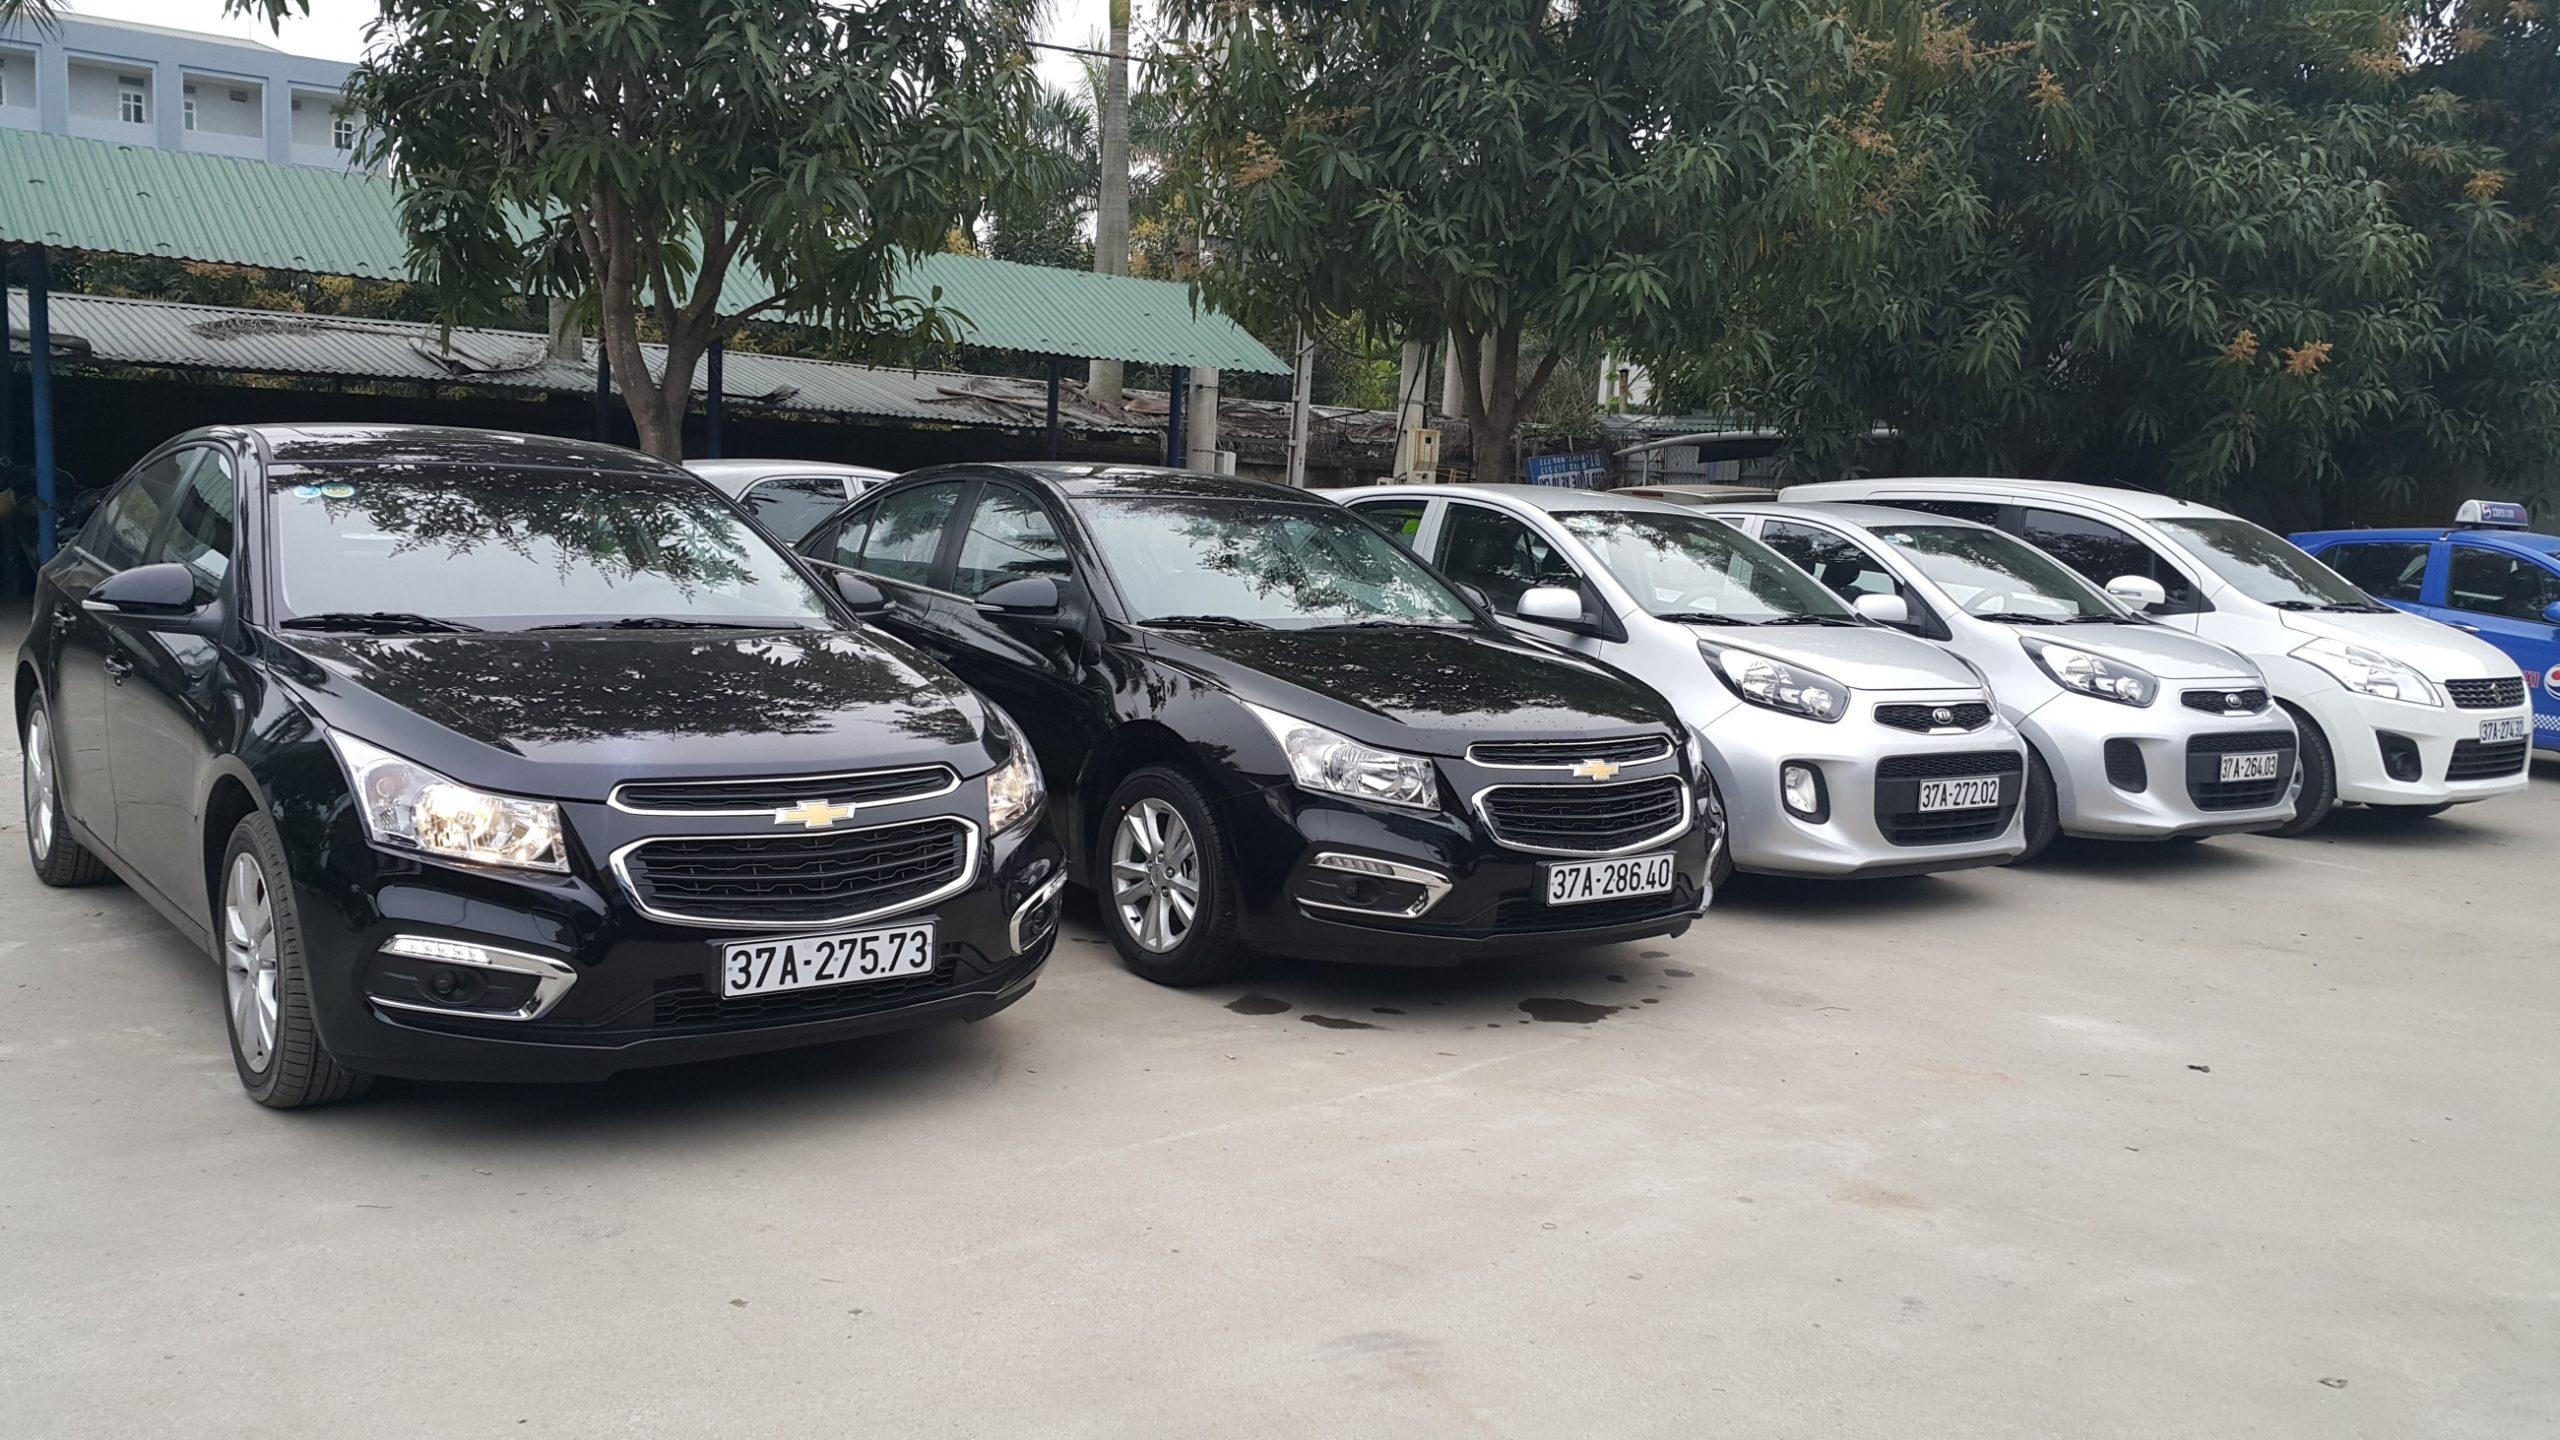 Dịch vụ thuê xe chất lượng tại Hà Nội